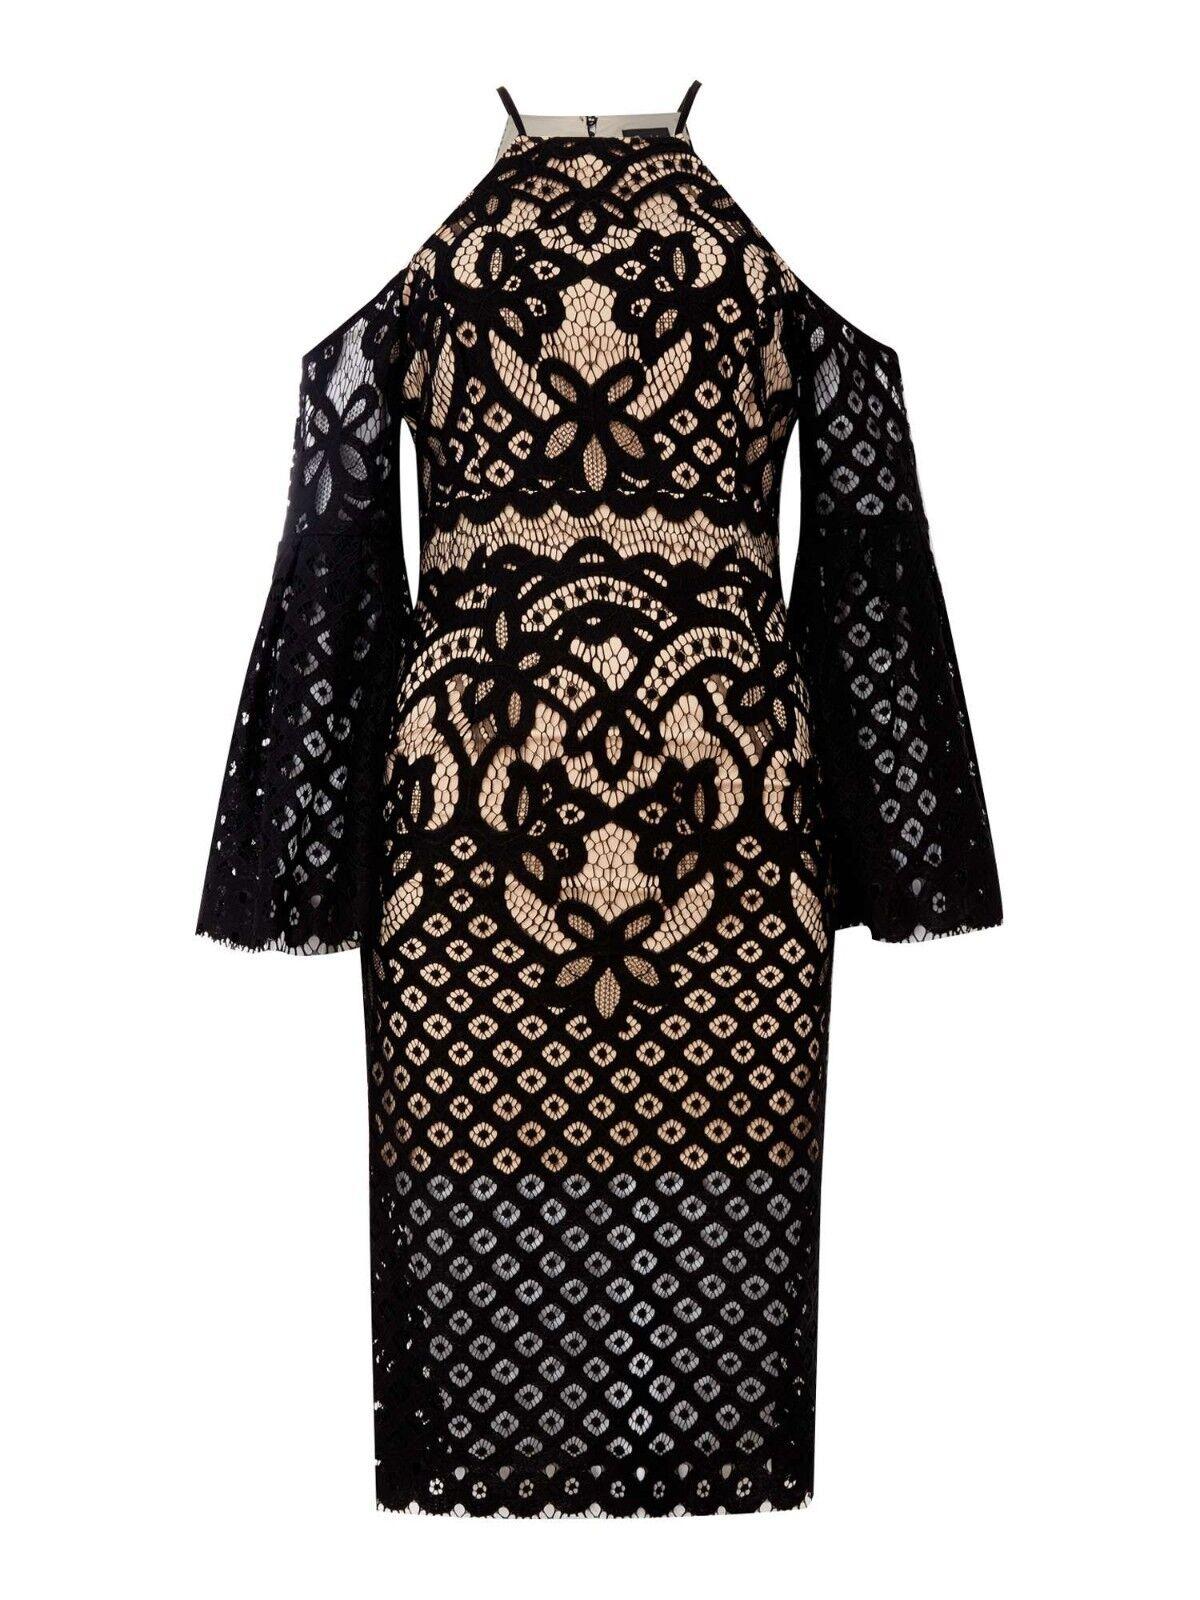 Bardot Cold Shoulder Lace Bodycon Dress schwarz Größe UK 8 LF182 HH 11